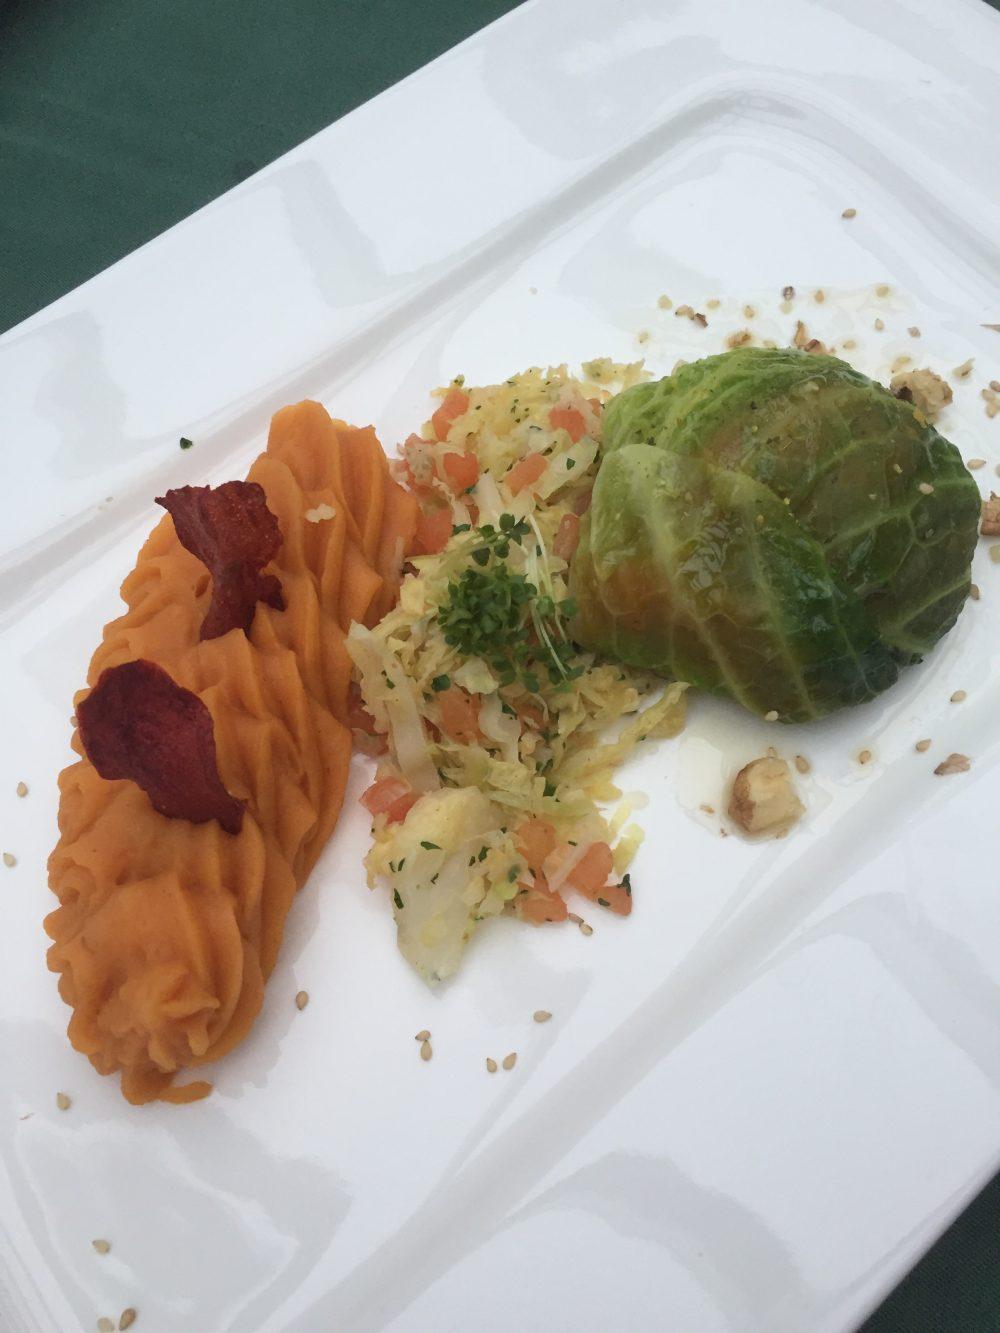 Wirsingroulade gefüllt mit Süßkartoffelcreme